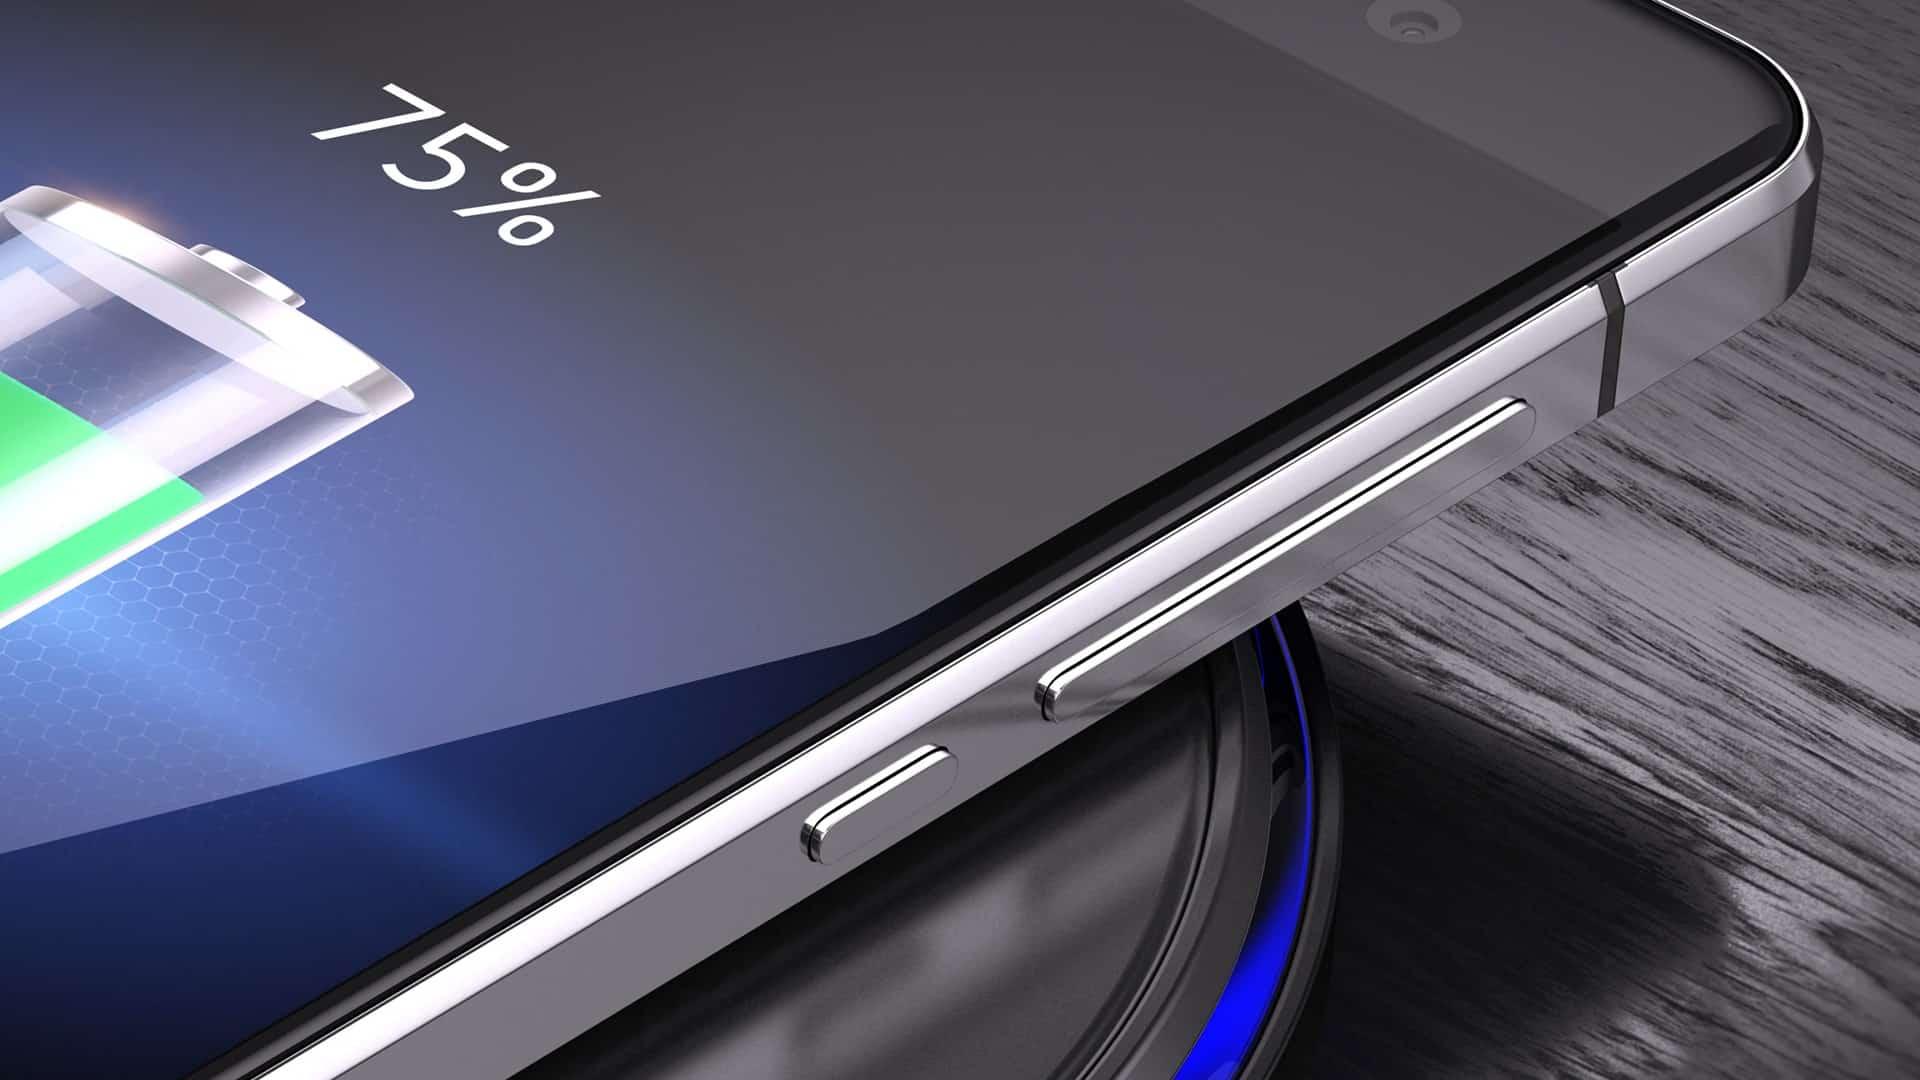 Miglior caricabatterie wireless iPhone 2020: Guida all'acquisto